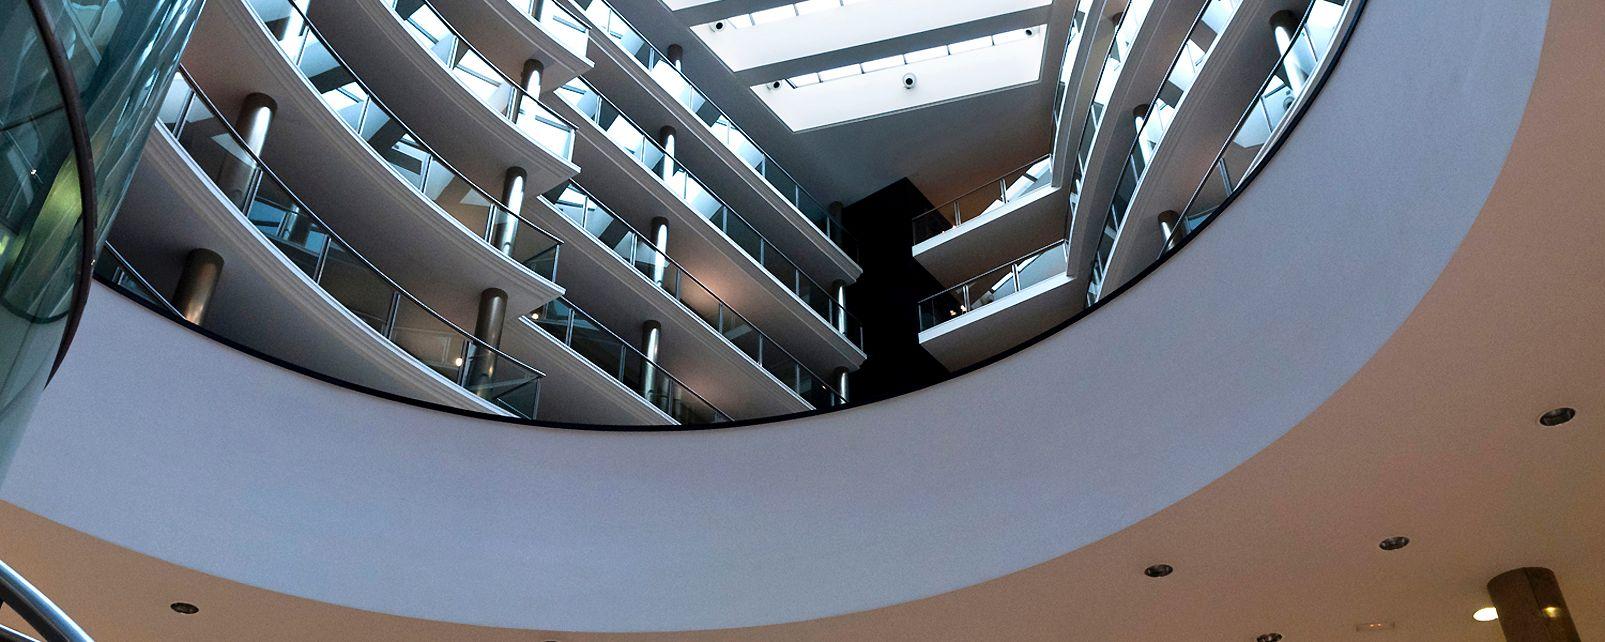 Hôtel Attica 21 Coruña